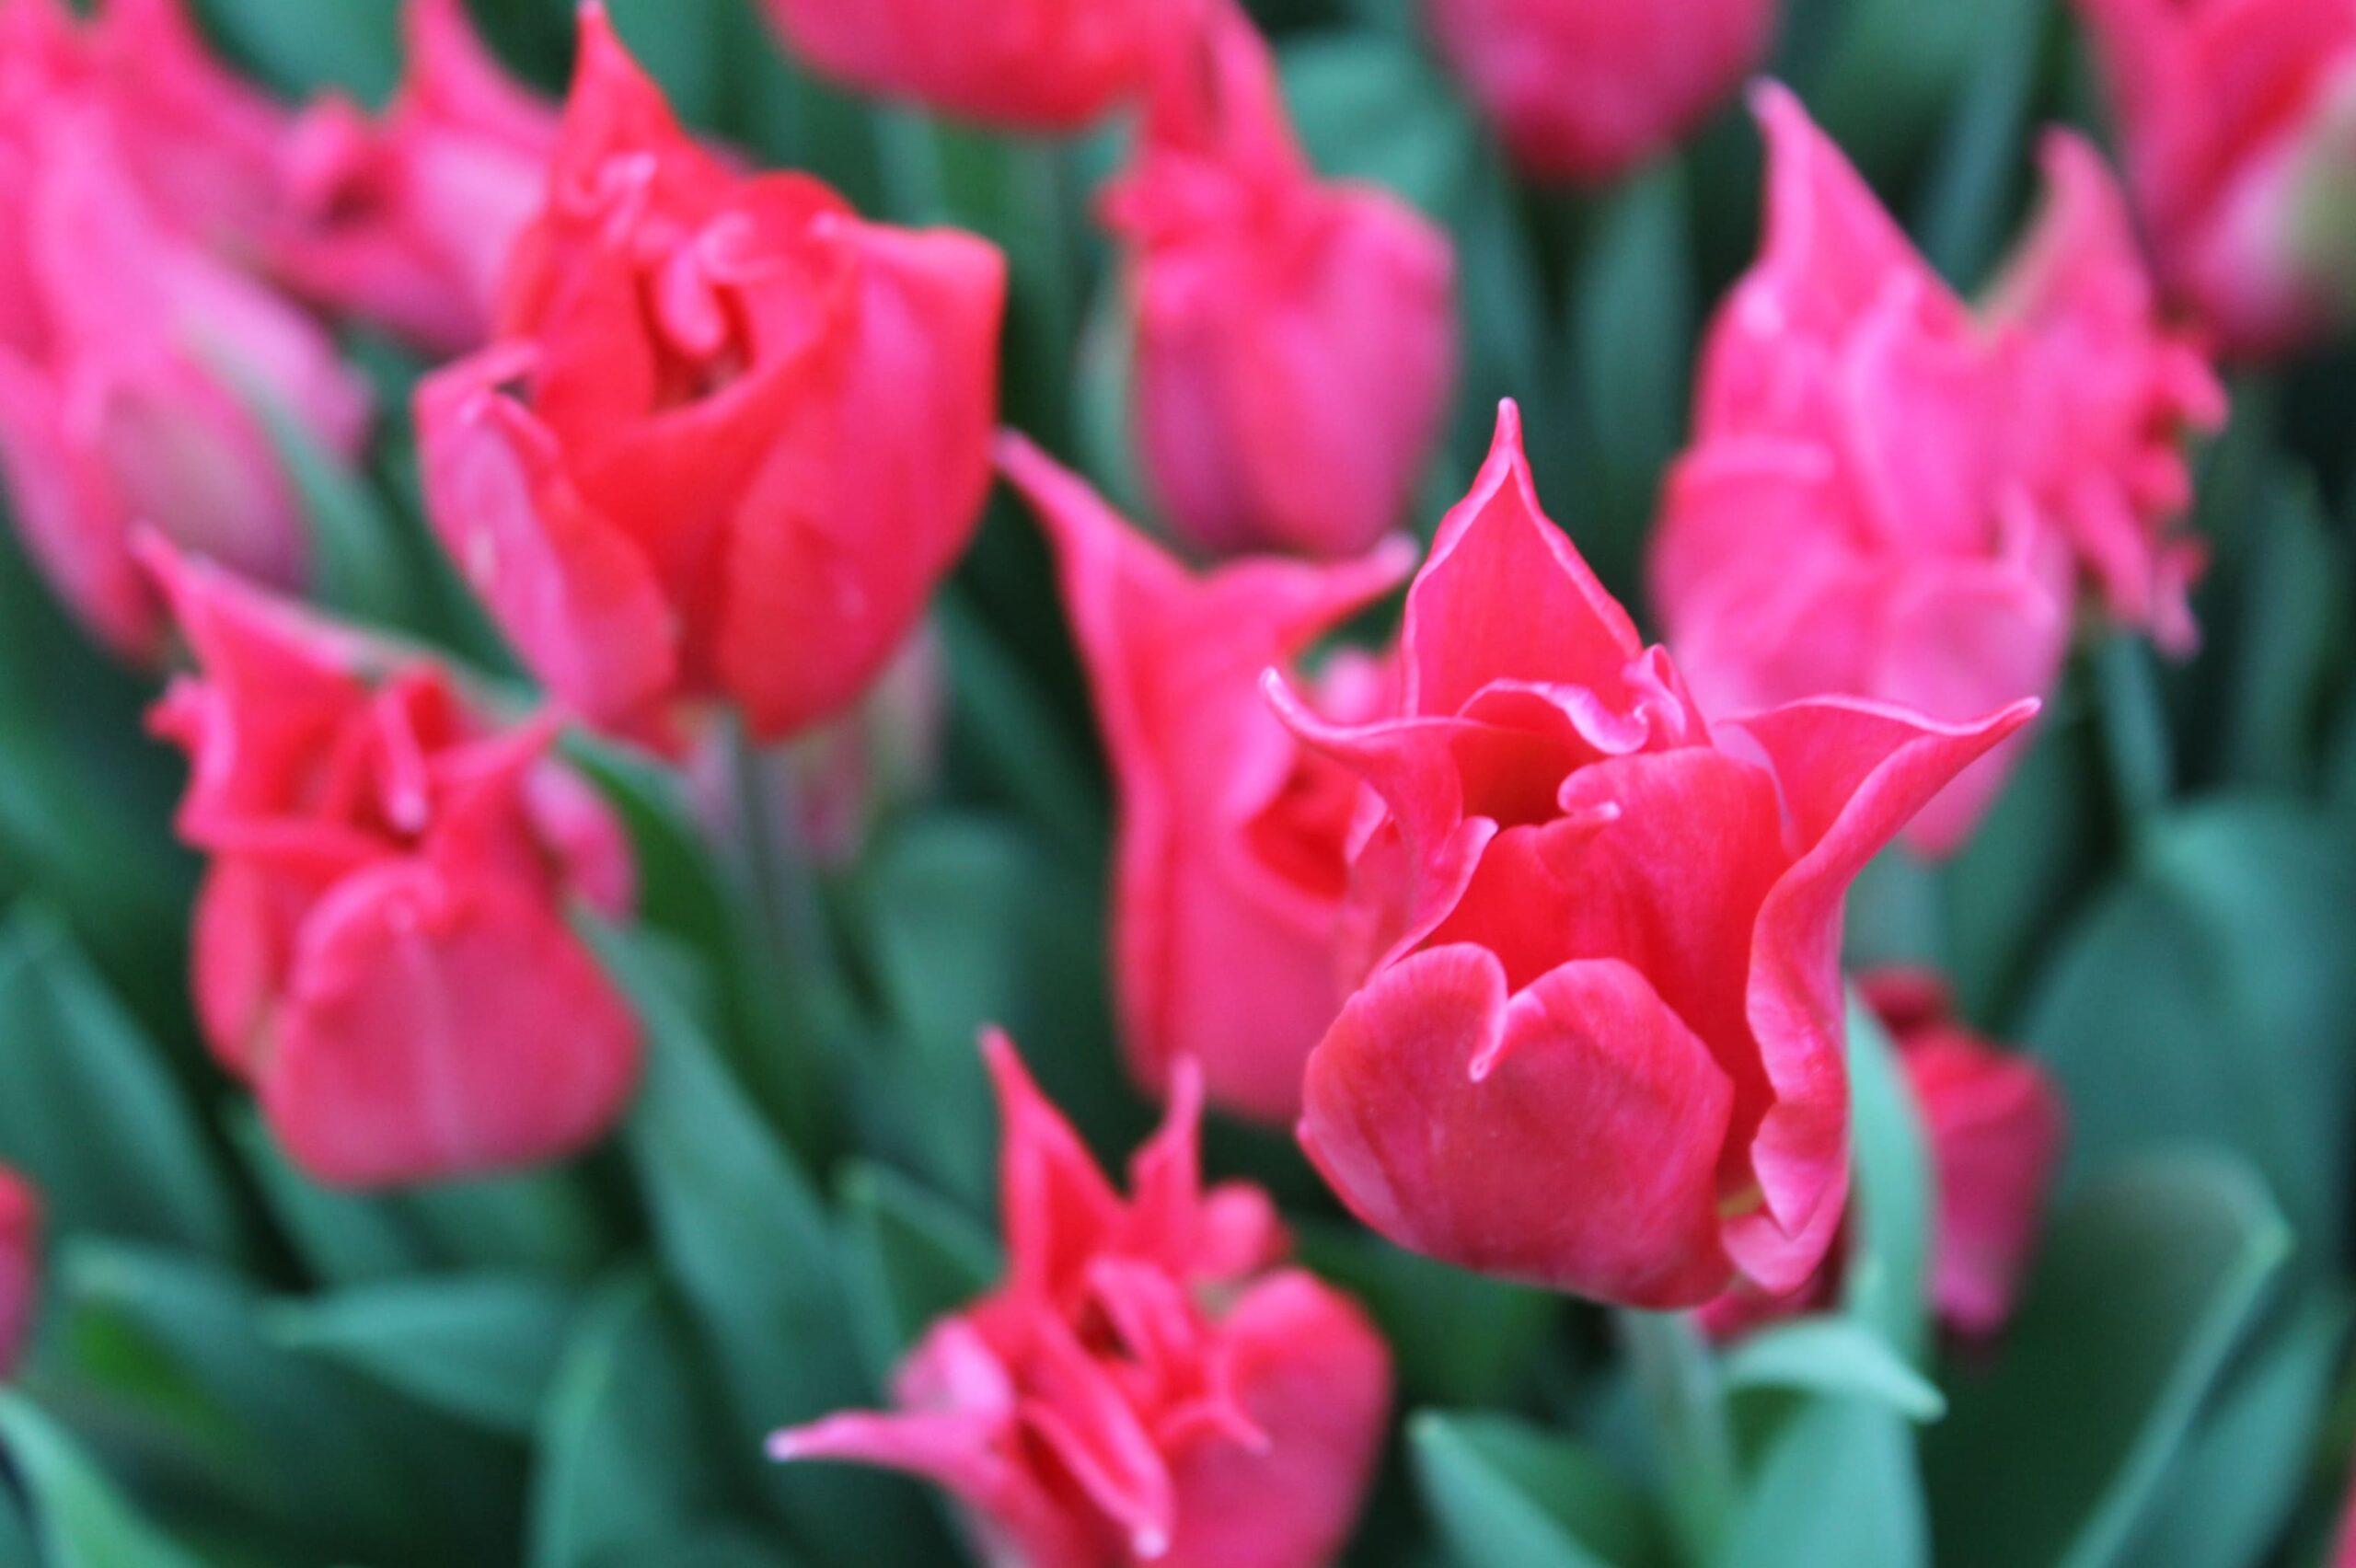 Около 100 тысяч тюльпанов появятся на выставке в Твери